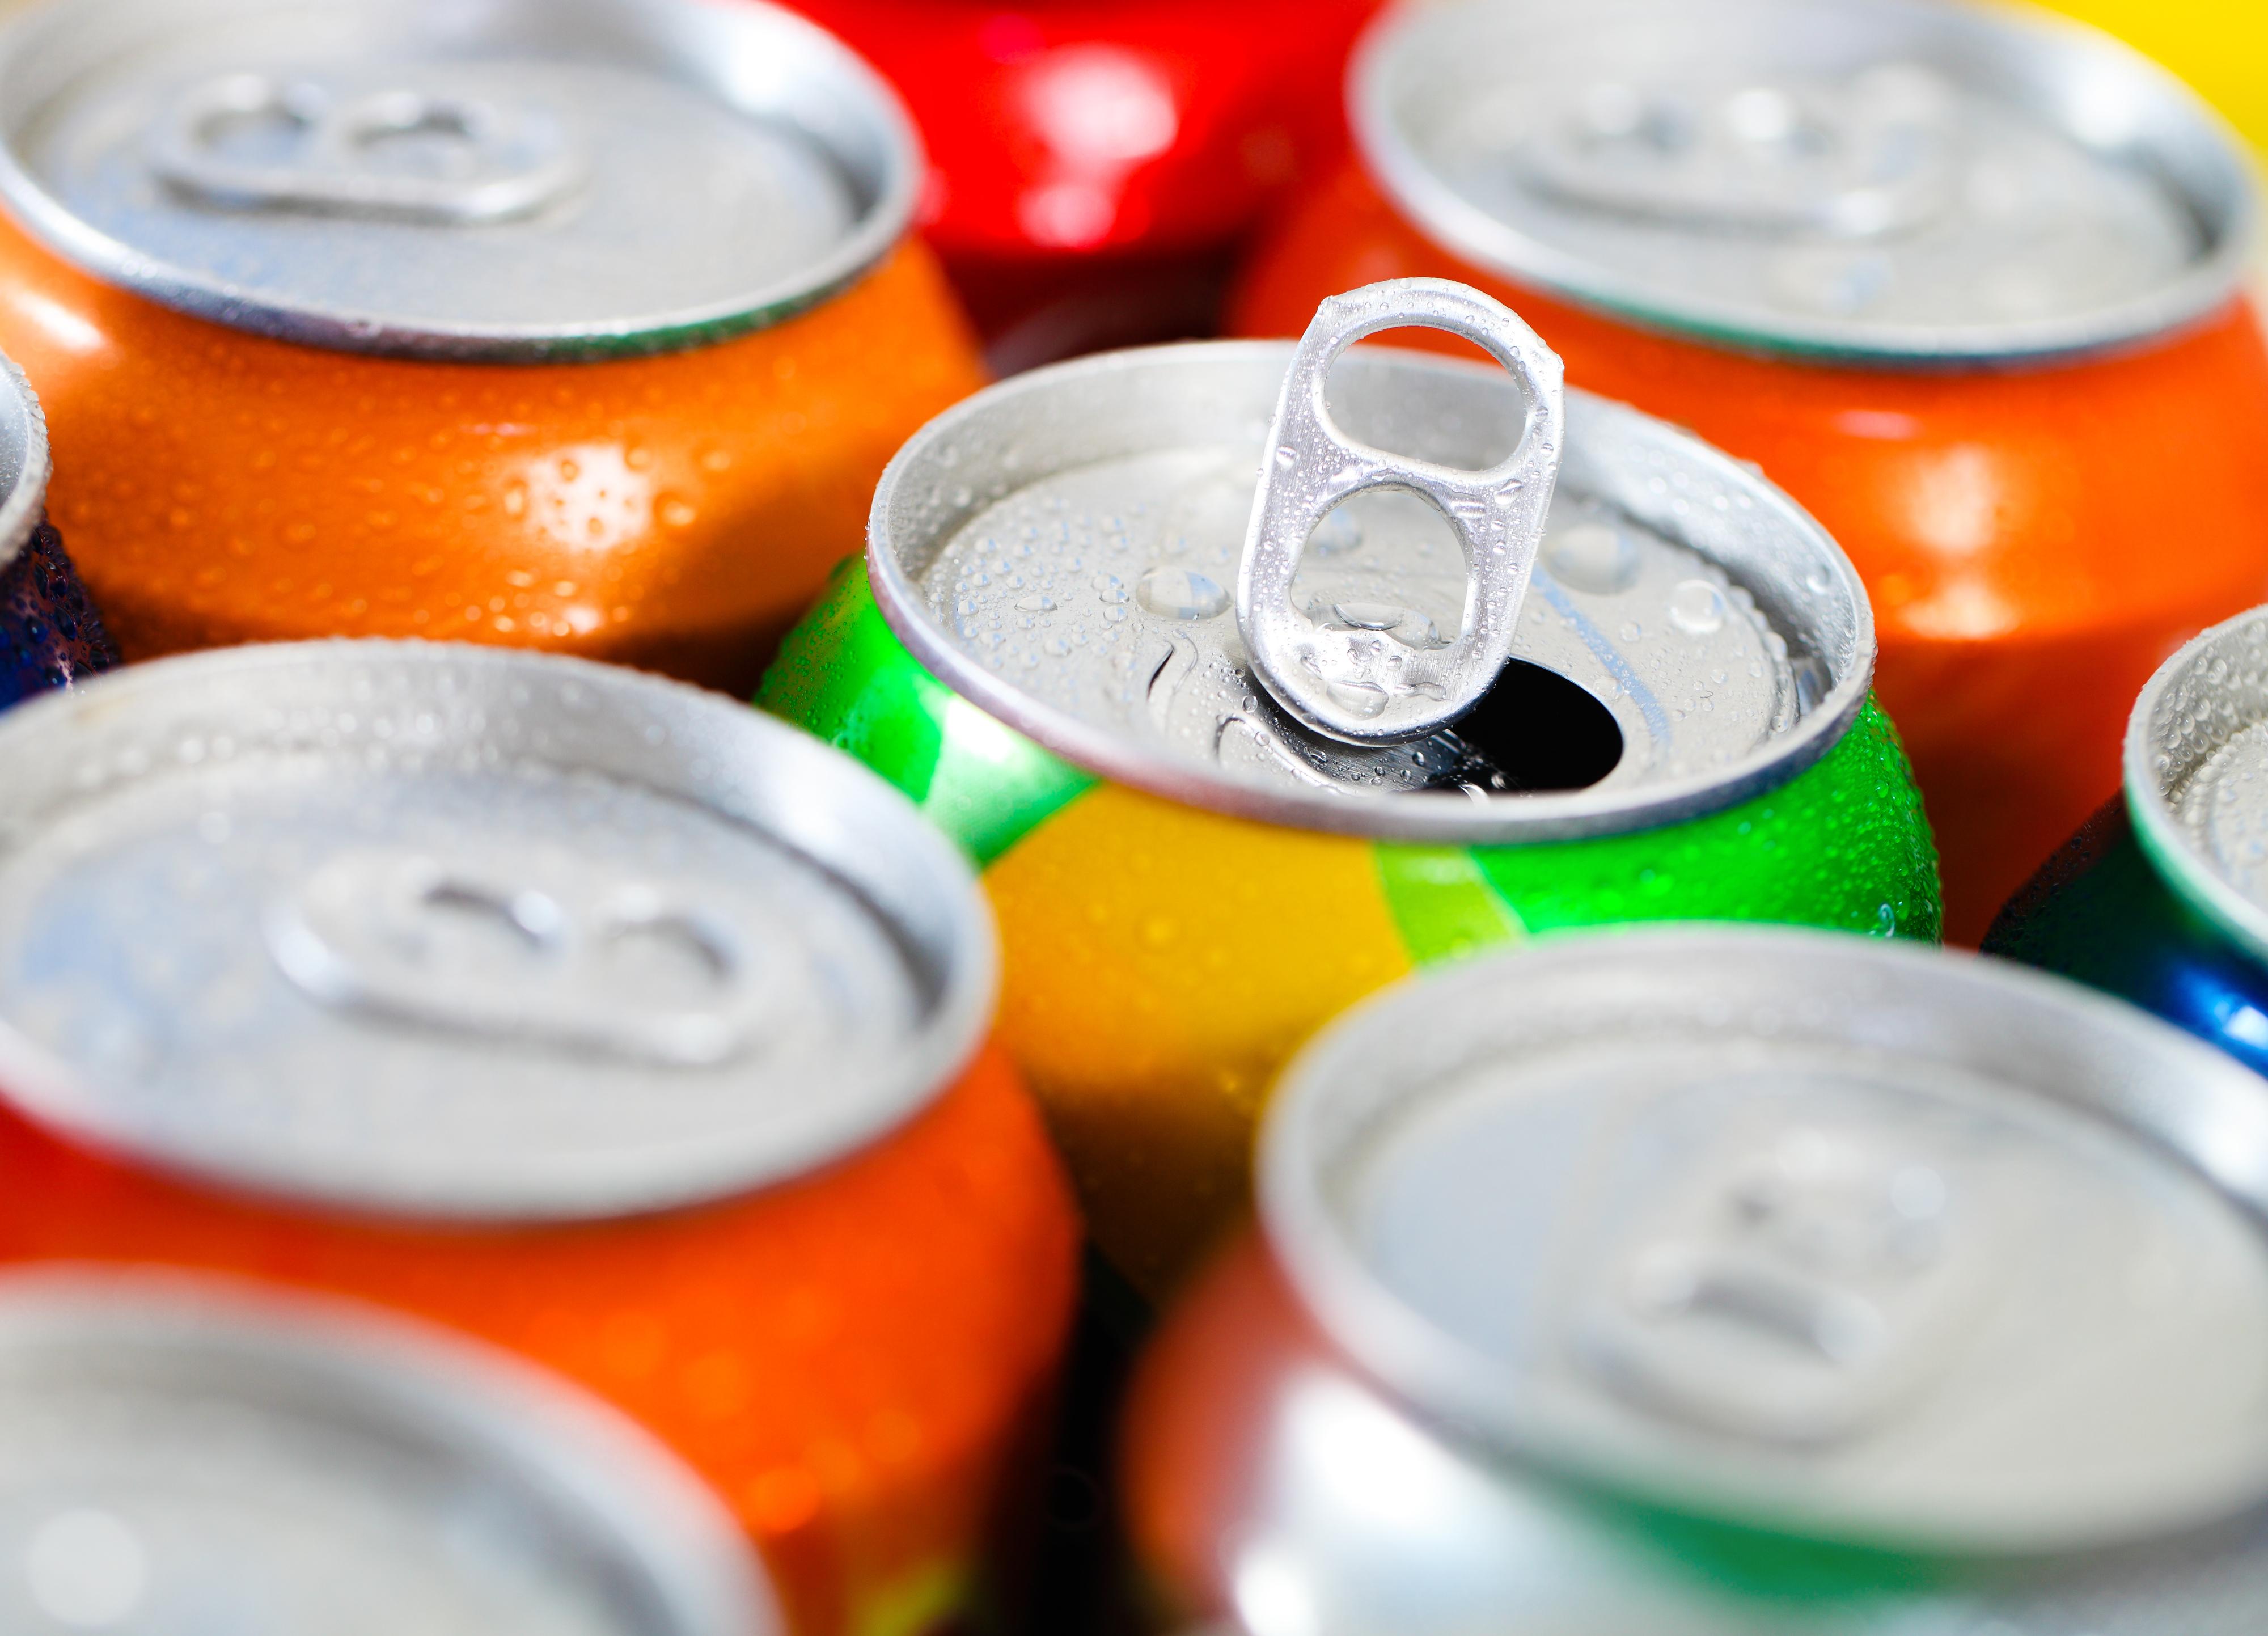 """En generell uppfattning är att lightläsk ska vara """"hälsosammare"""" än vanlig läsk, något som studien motsäger."""